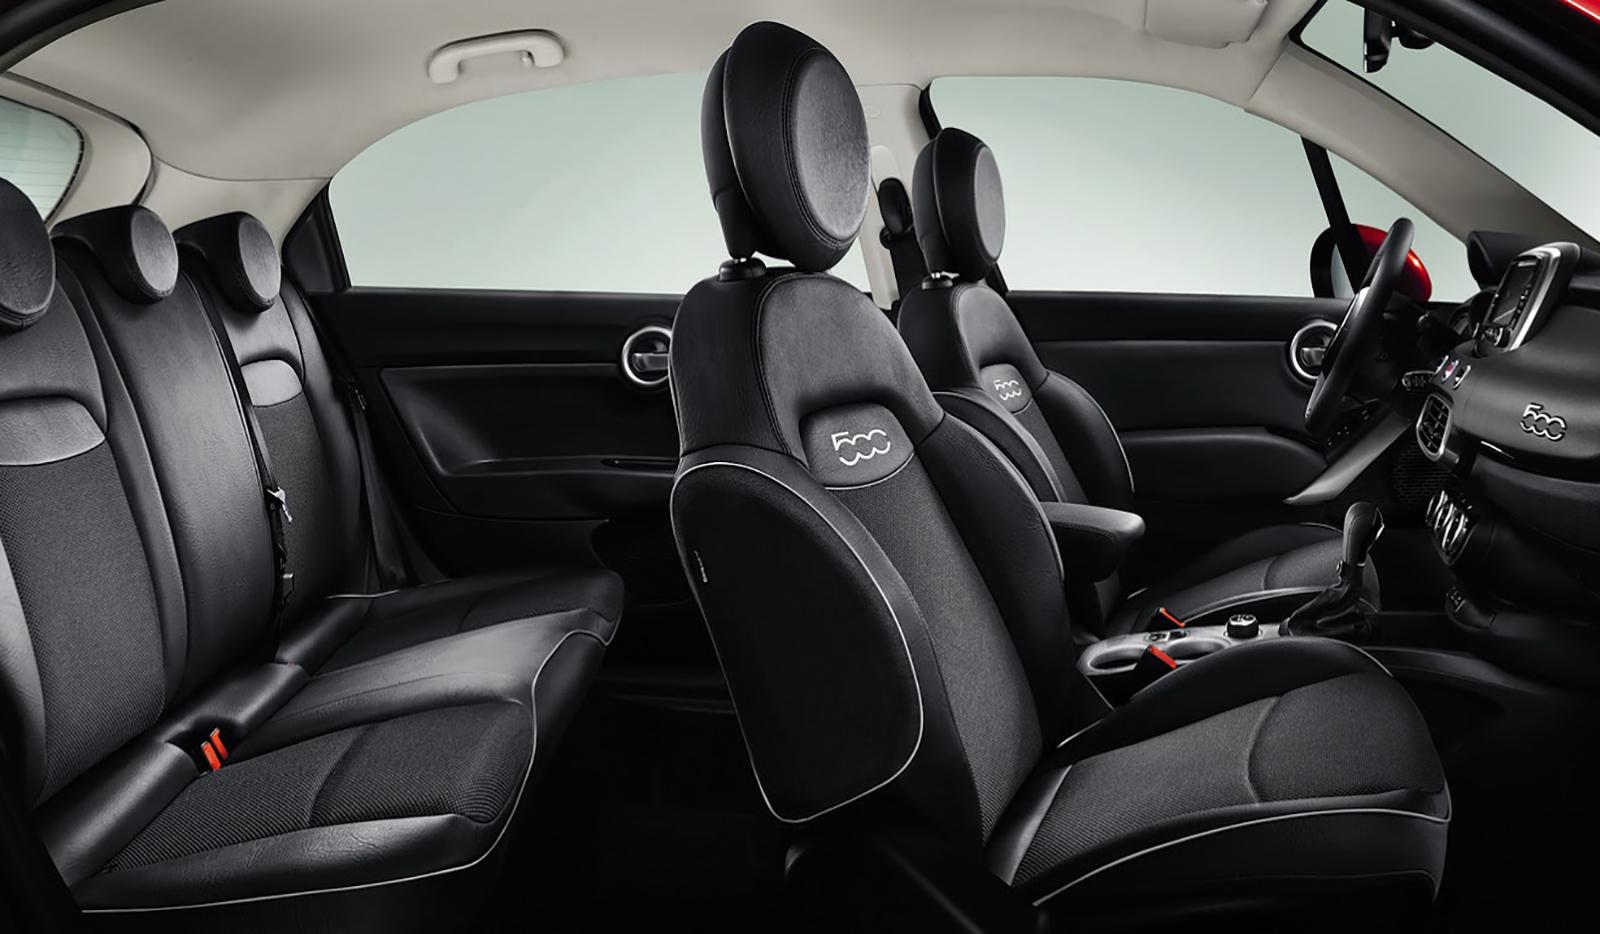 Fiat 500X có thiết kế mềm mại, được phát triển trên cùng nền tảng với chiếc Jeep Renegade